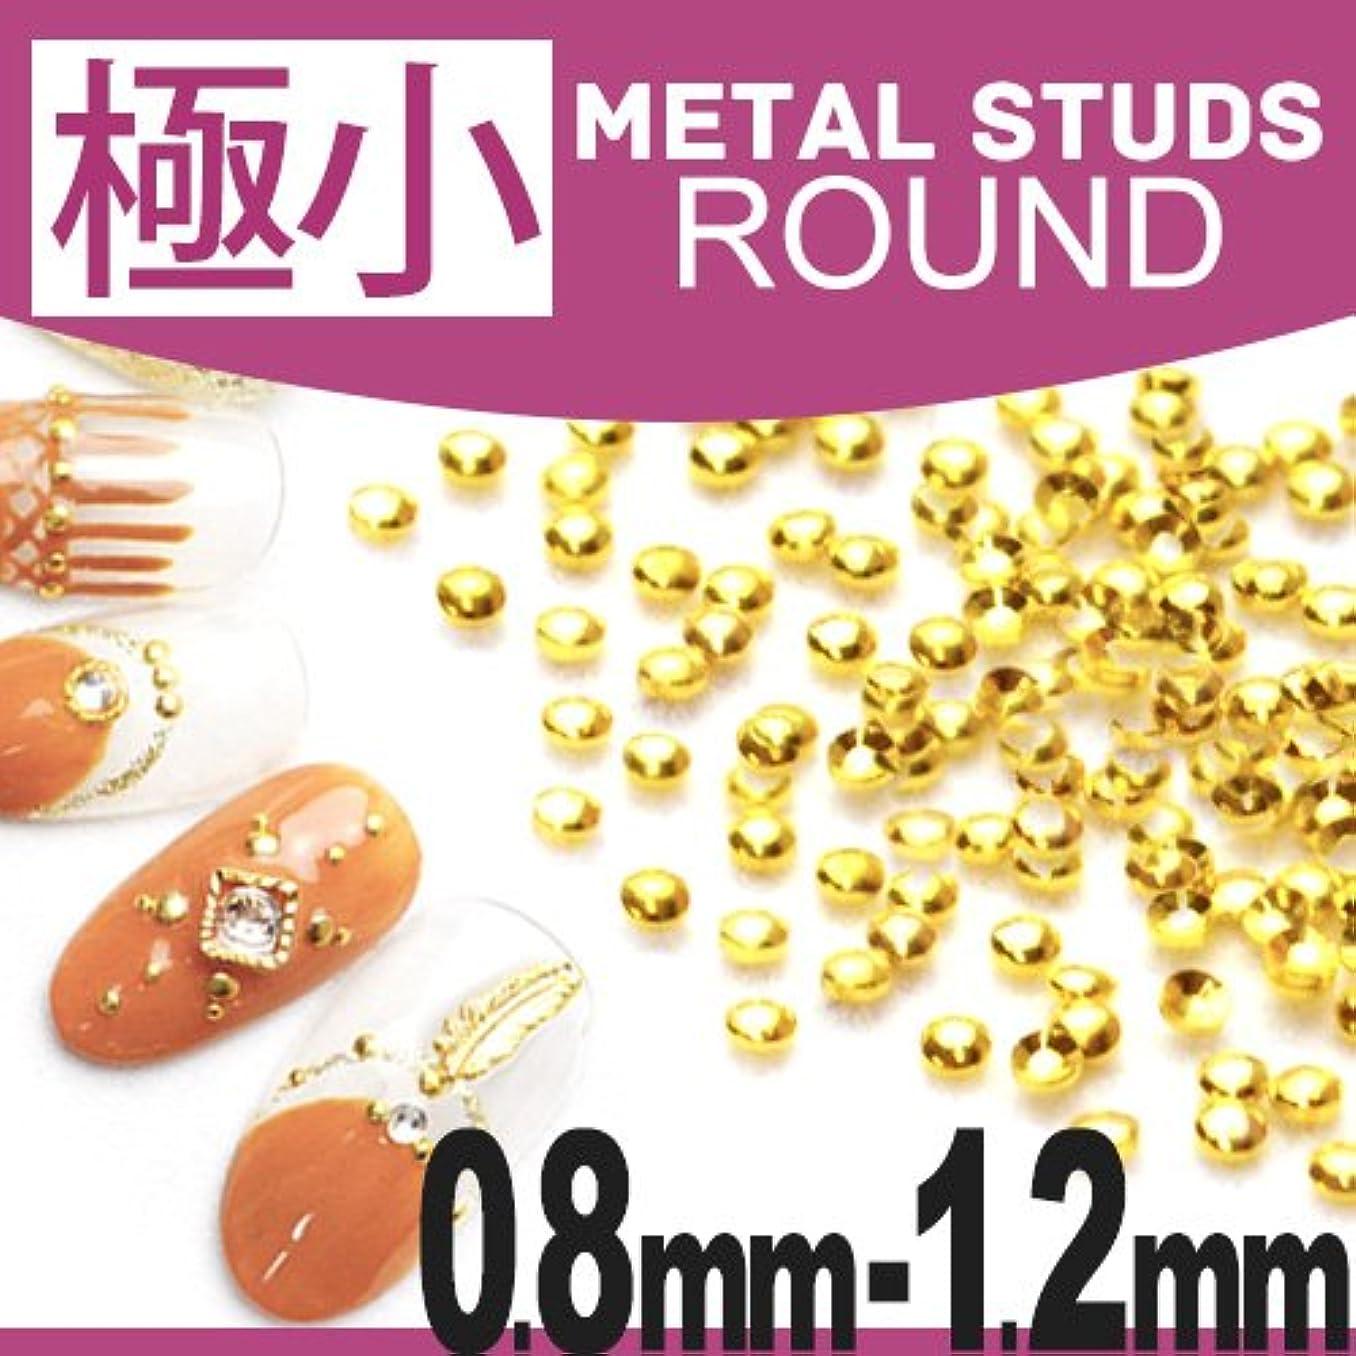 献身成果空気極小ラウンドメタルスタッズ 0.8mm[ゴールド] メタルパーツ ジェルネイル